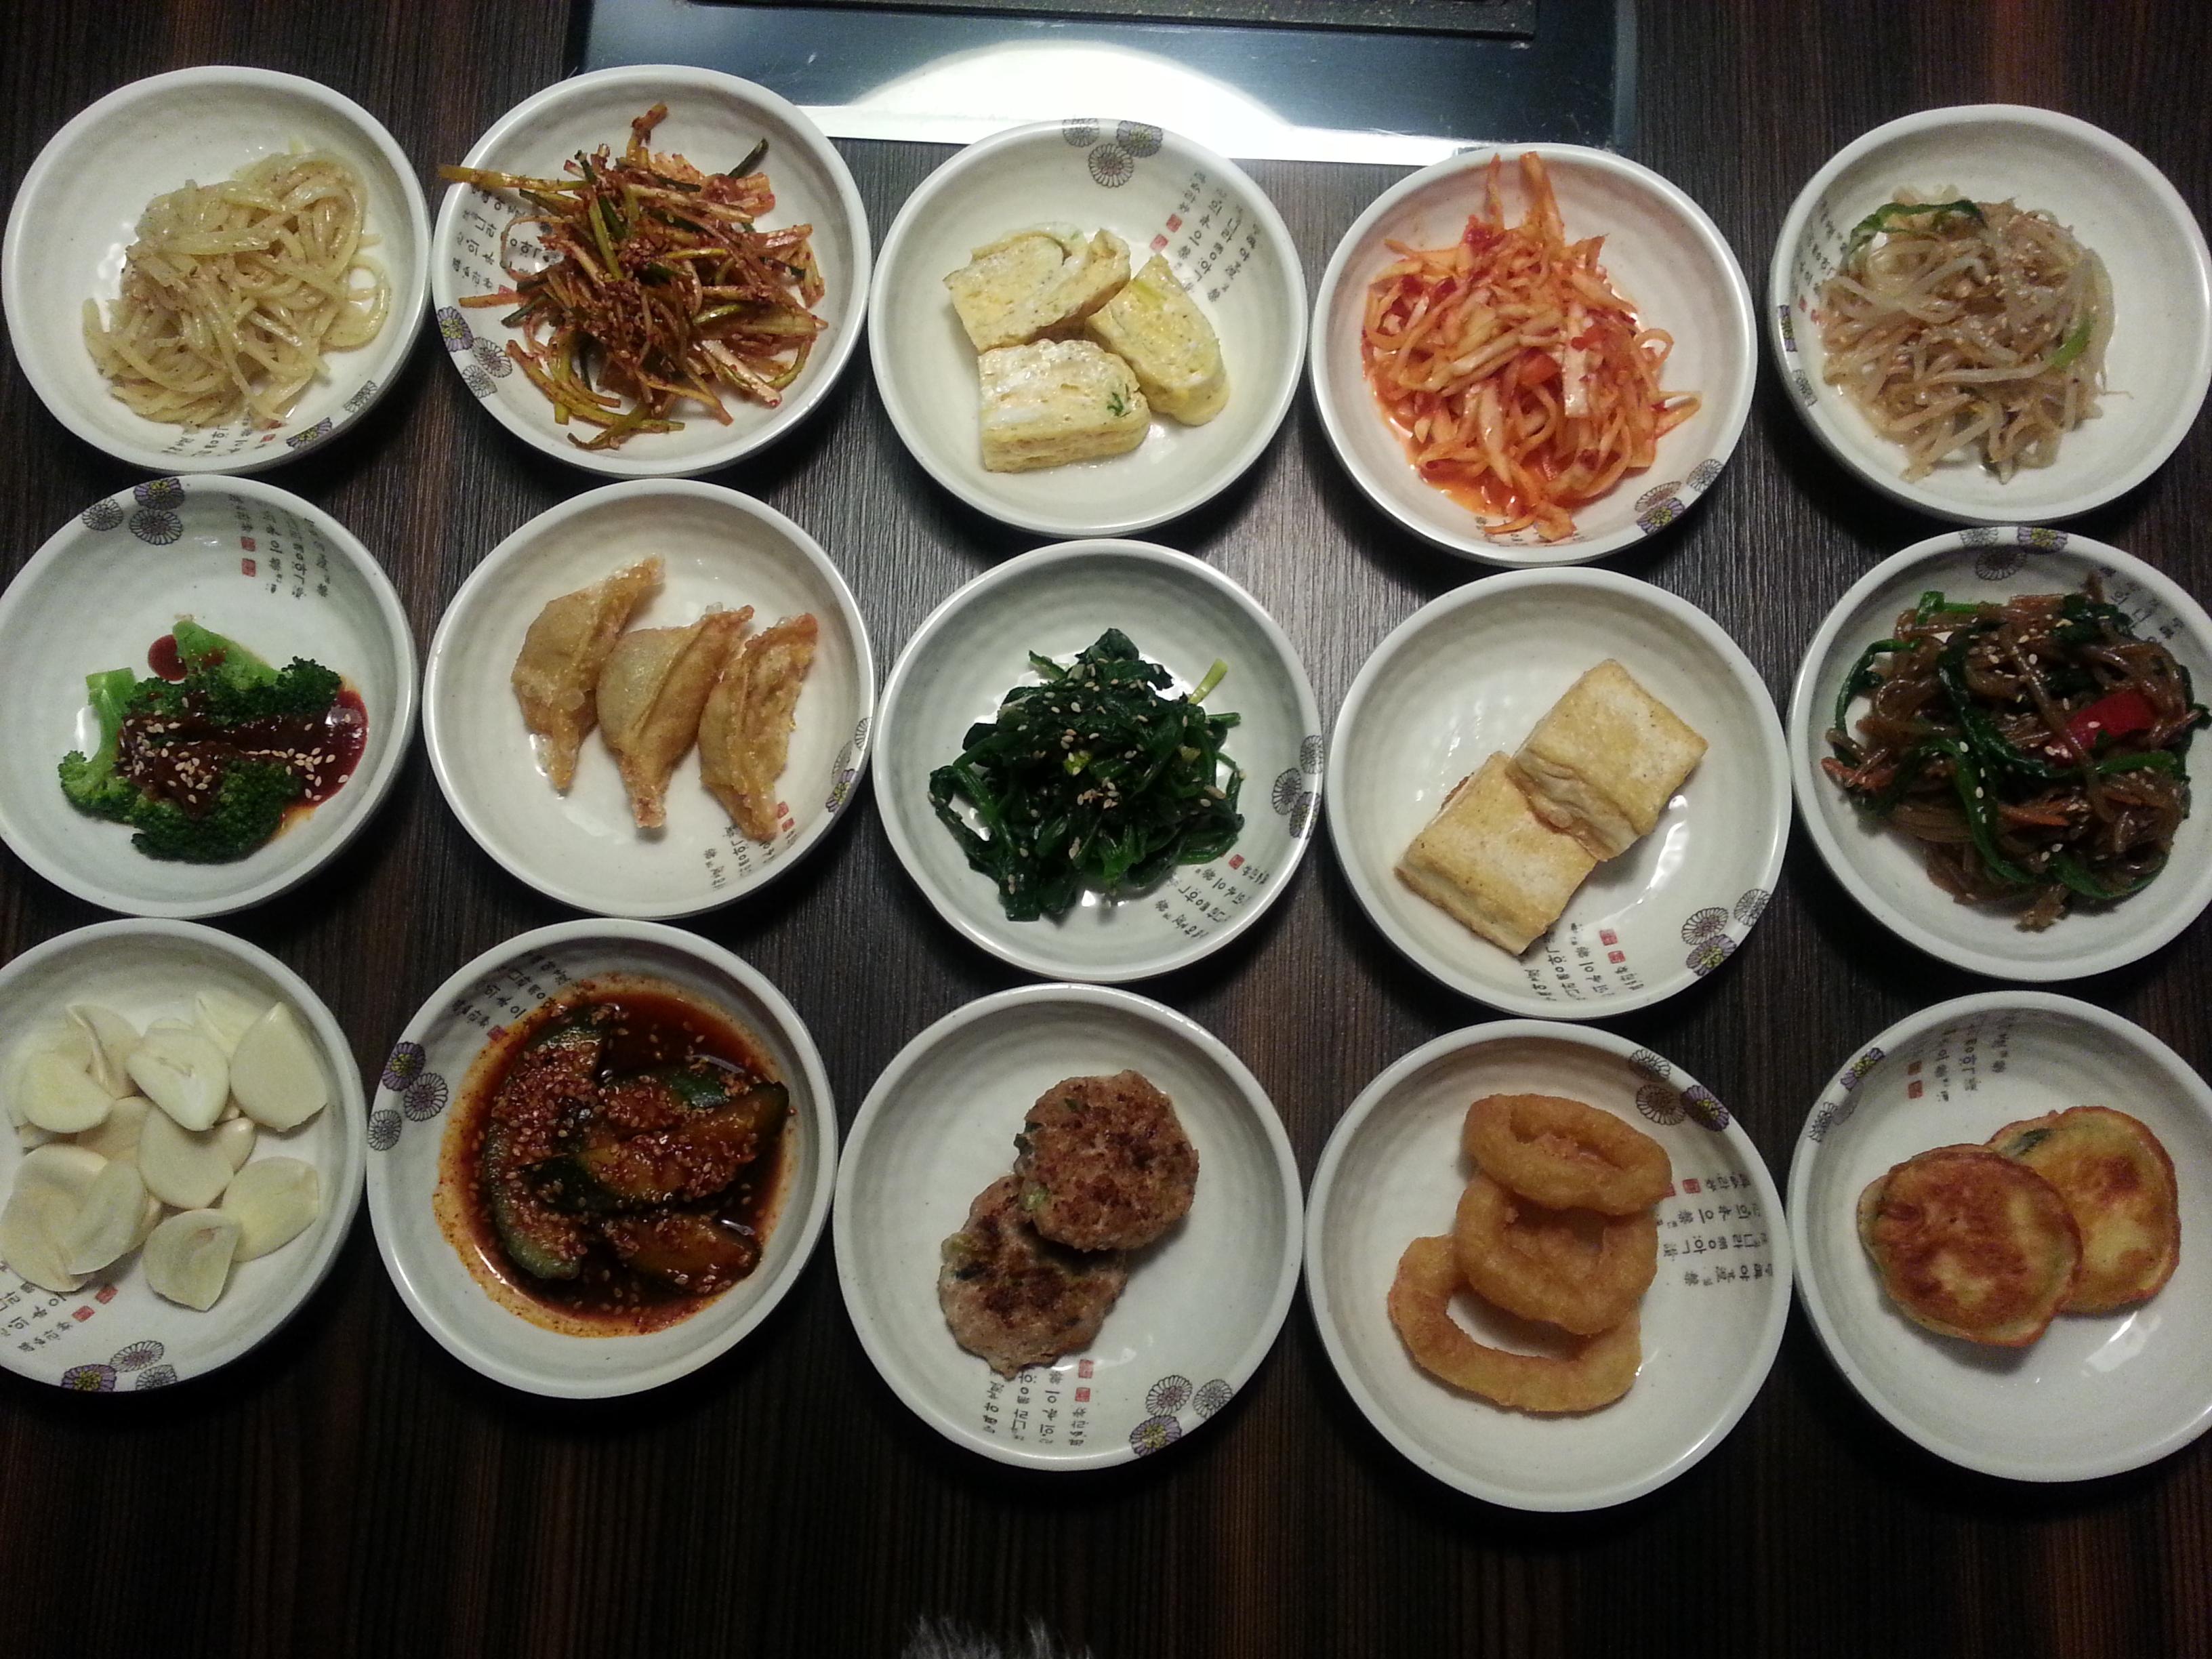 ihr koreanisches bbq spezialitäten restaurant in rhein sieg kreis.